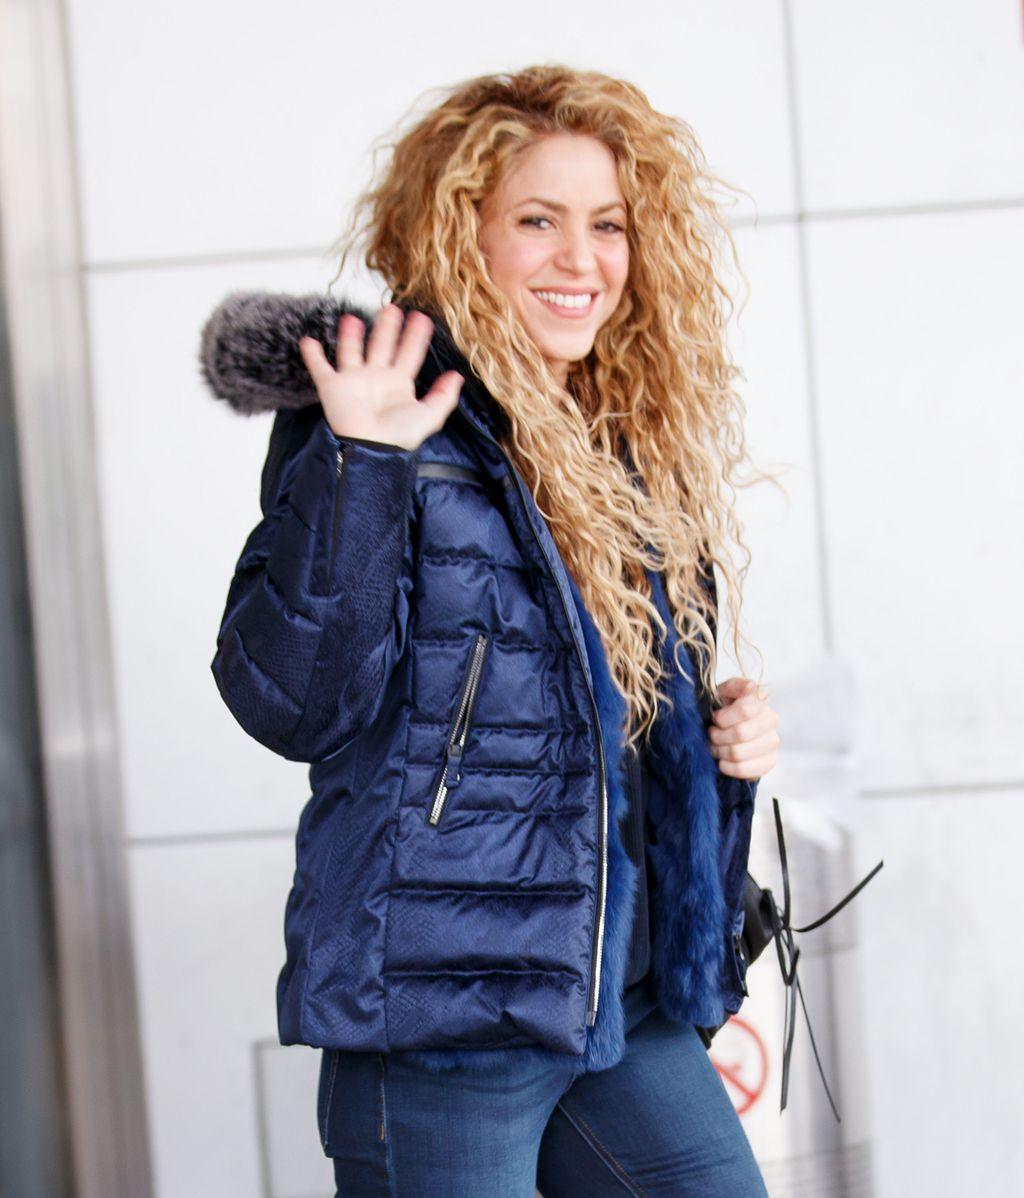 Shakira, sonriente, afronta 2018 con el objetivo de retomar su gira El Dorado dejando atrás sus problemas de salud